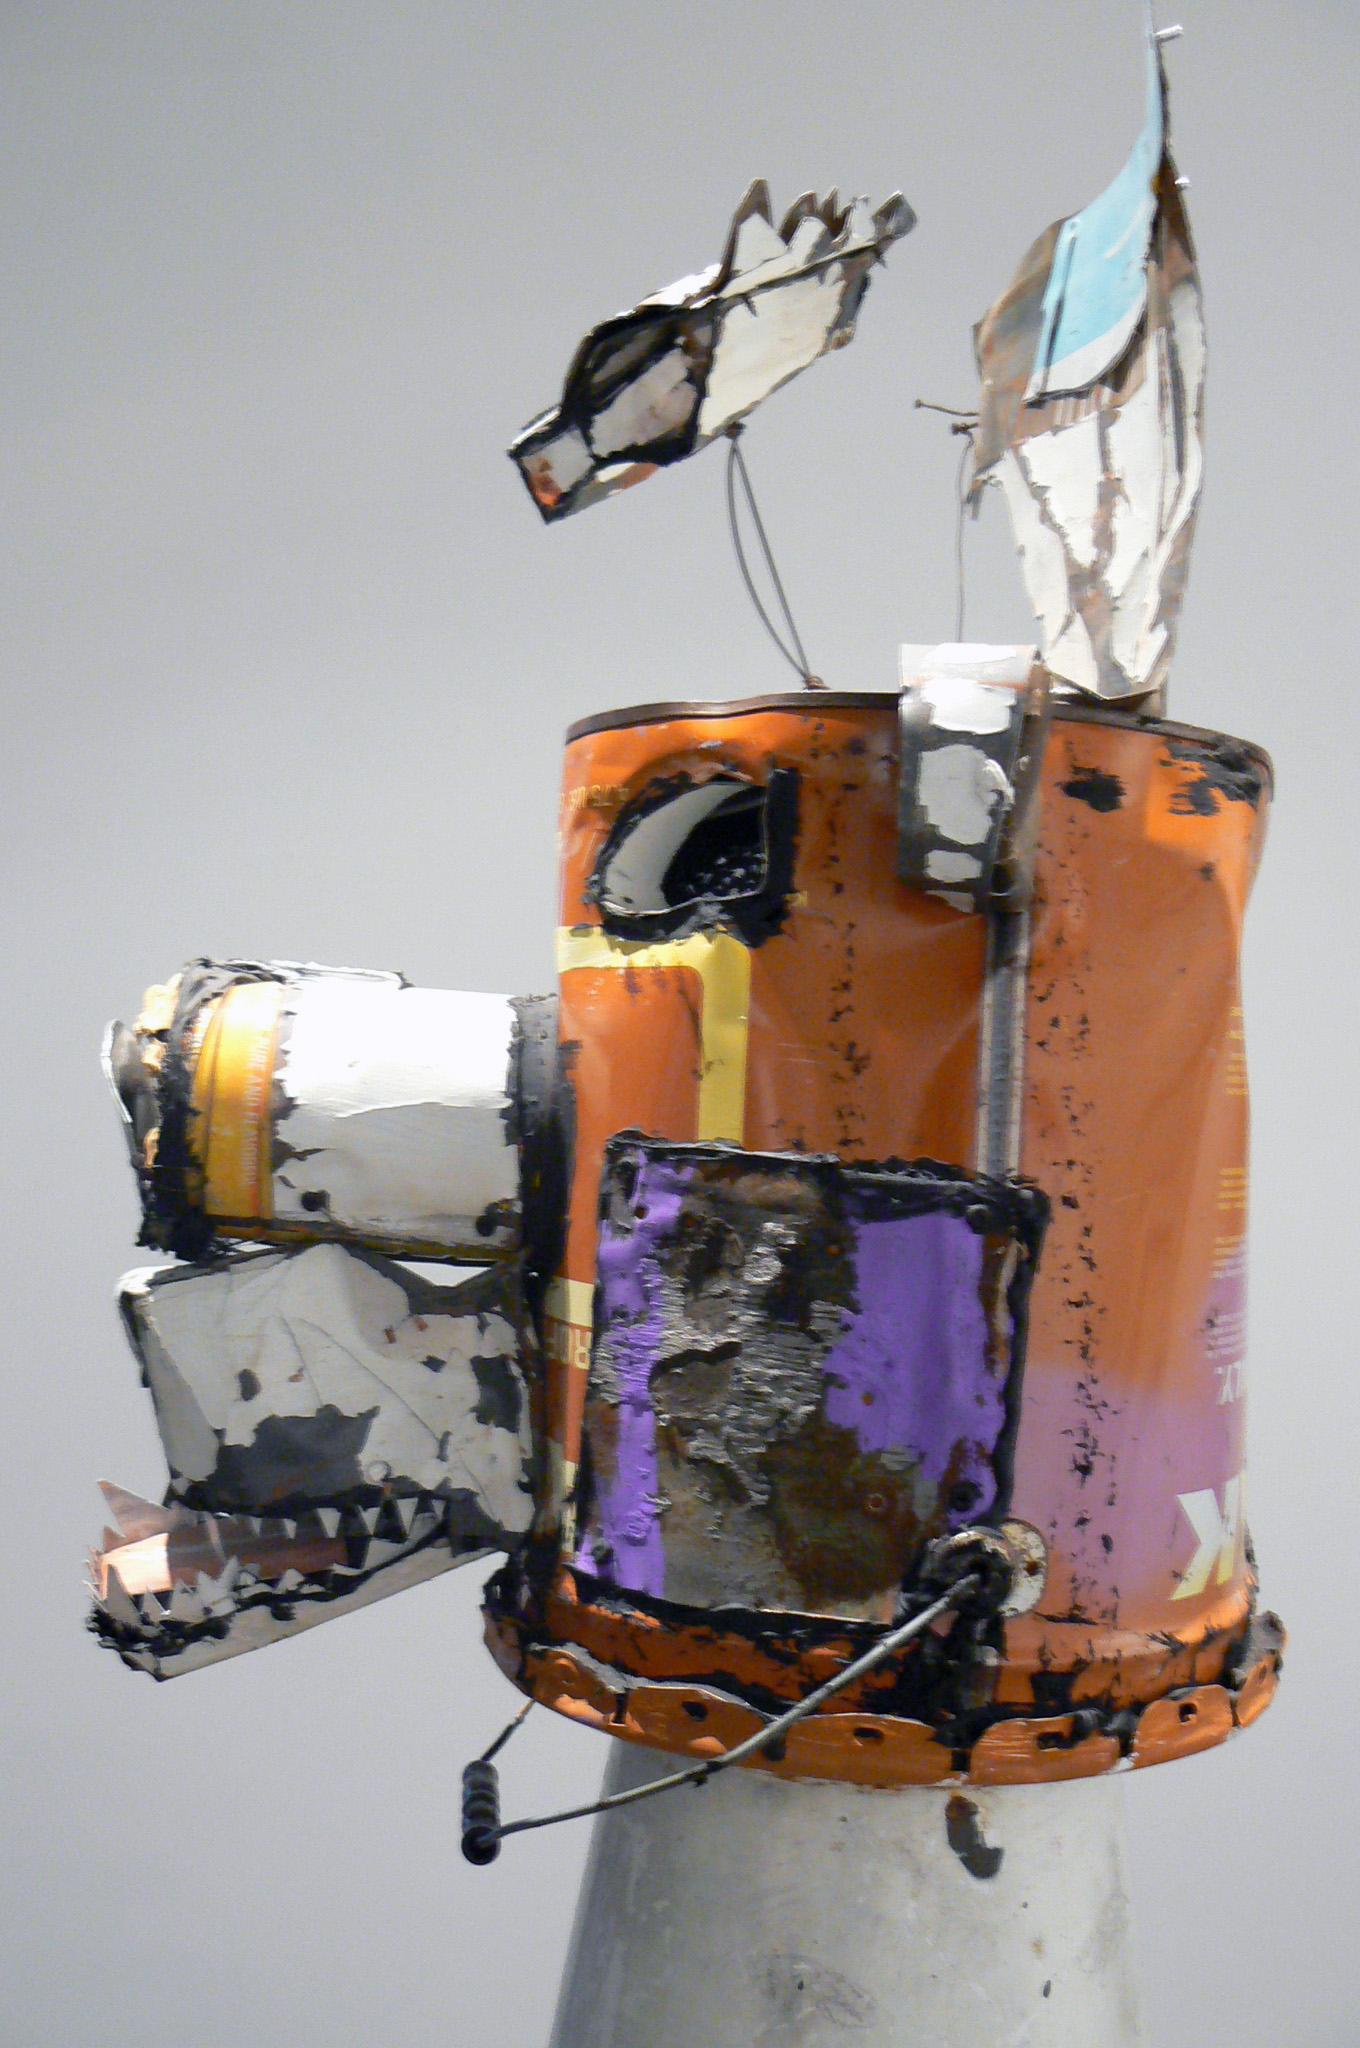 Matt Blackwell,  Bear Head III,  2011, Metal, ceiling tin, enamel, caulk, wire, 35h x 17w x 18d in.